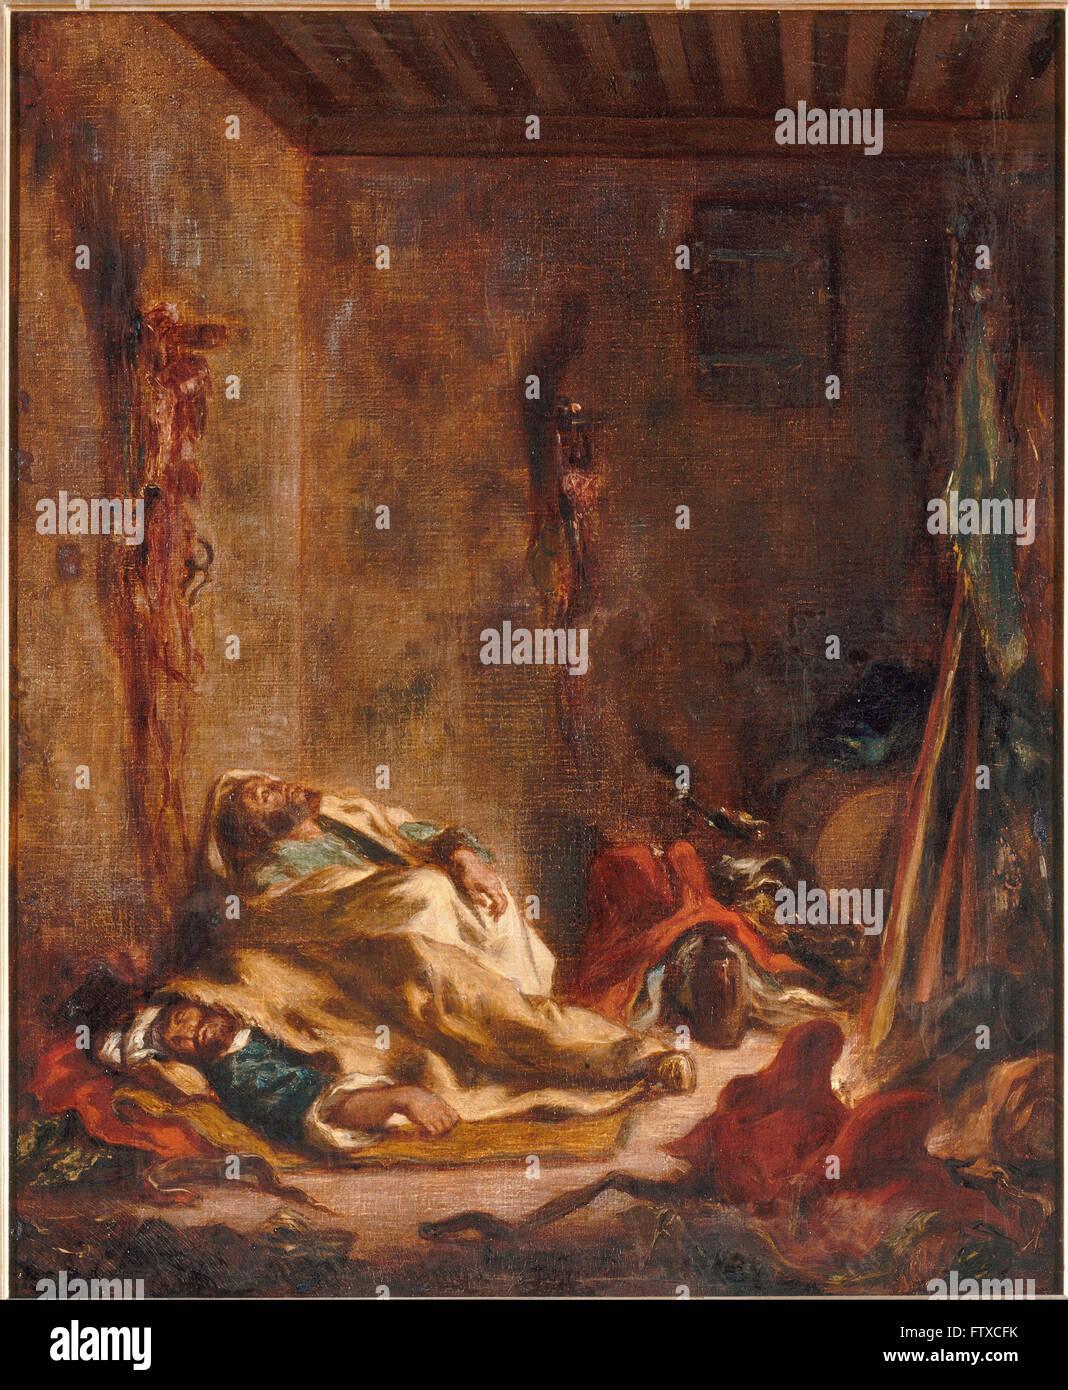 Eugène Delacroix - Le corps de garde à Meknès - Château de Chantilly - Stock Image